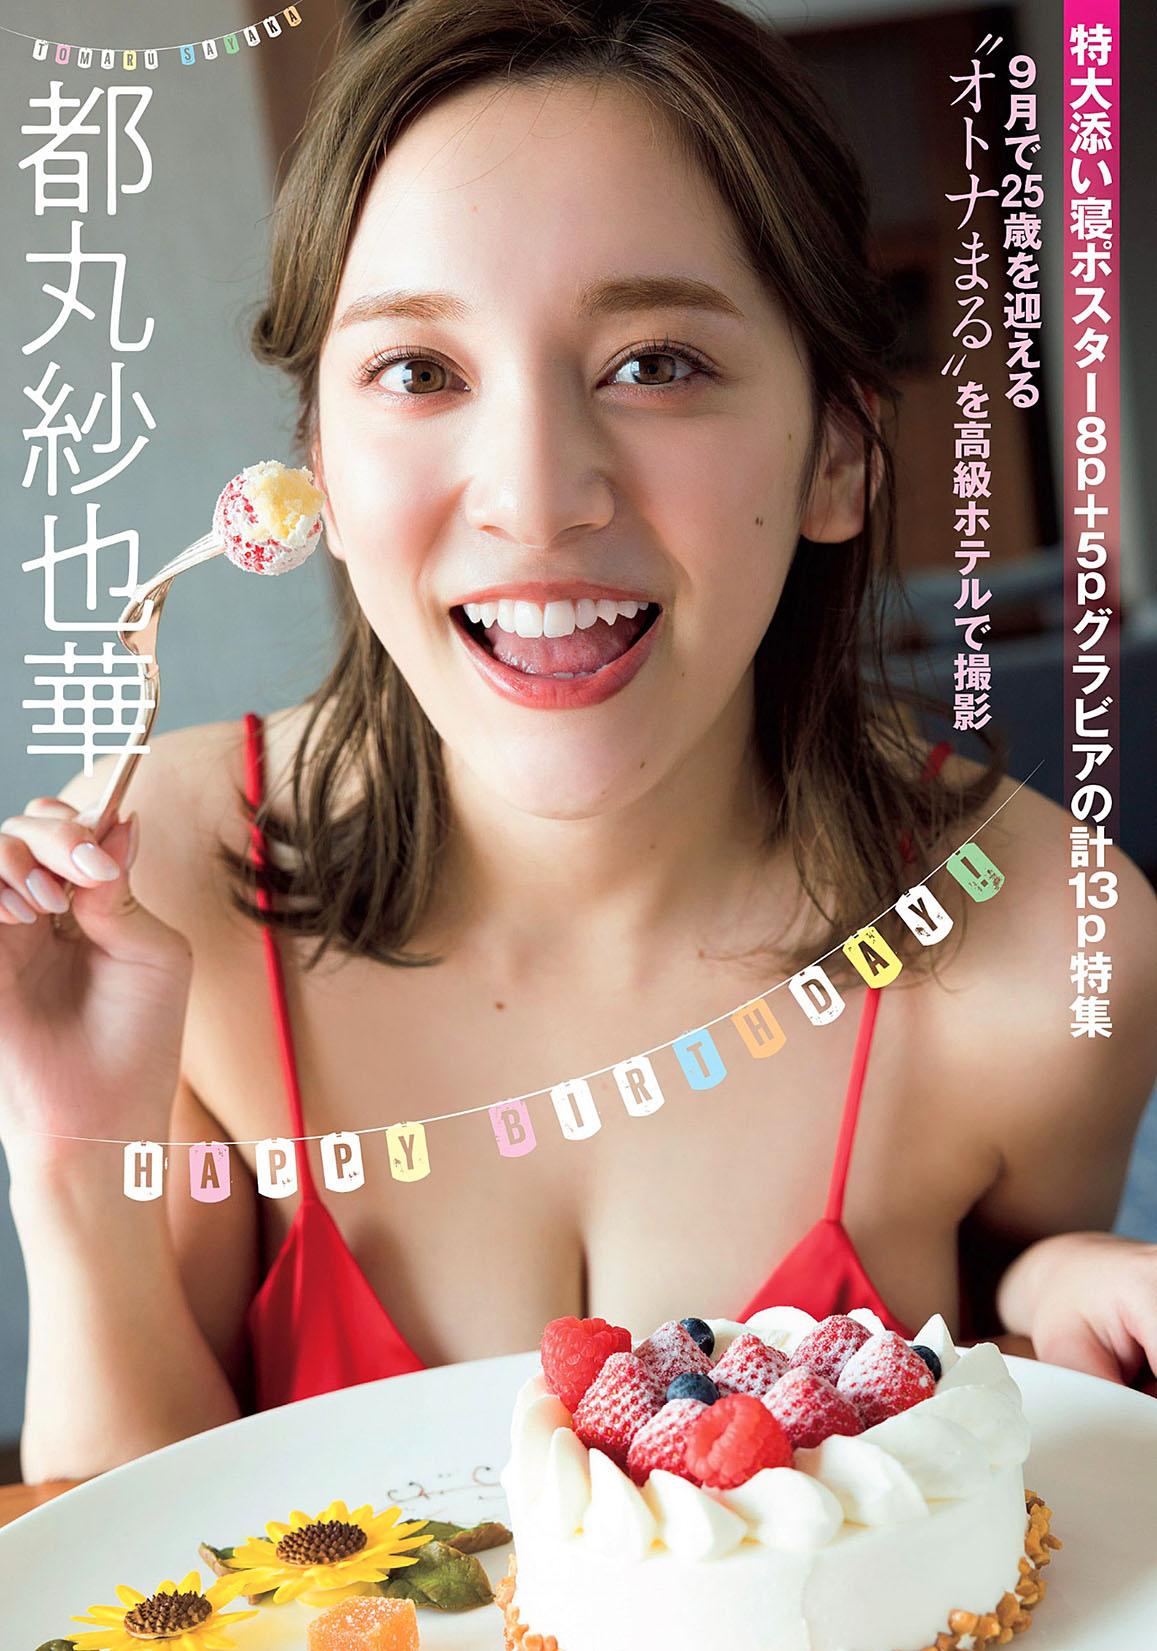 Sayaka Tomaru Flash 210921 01.jpg